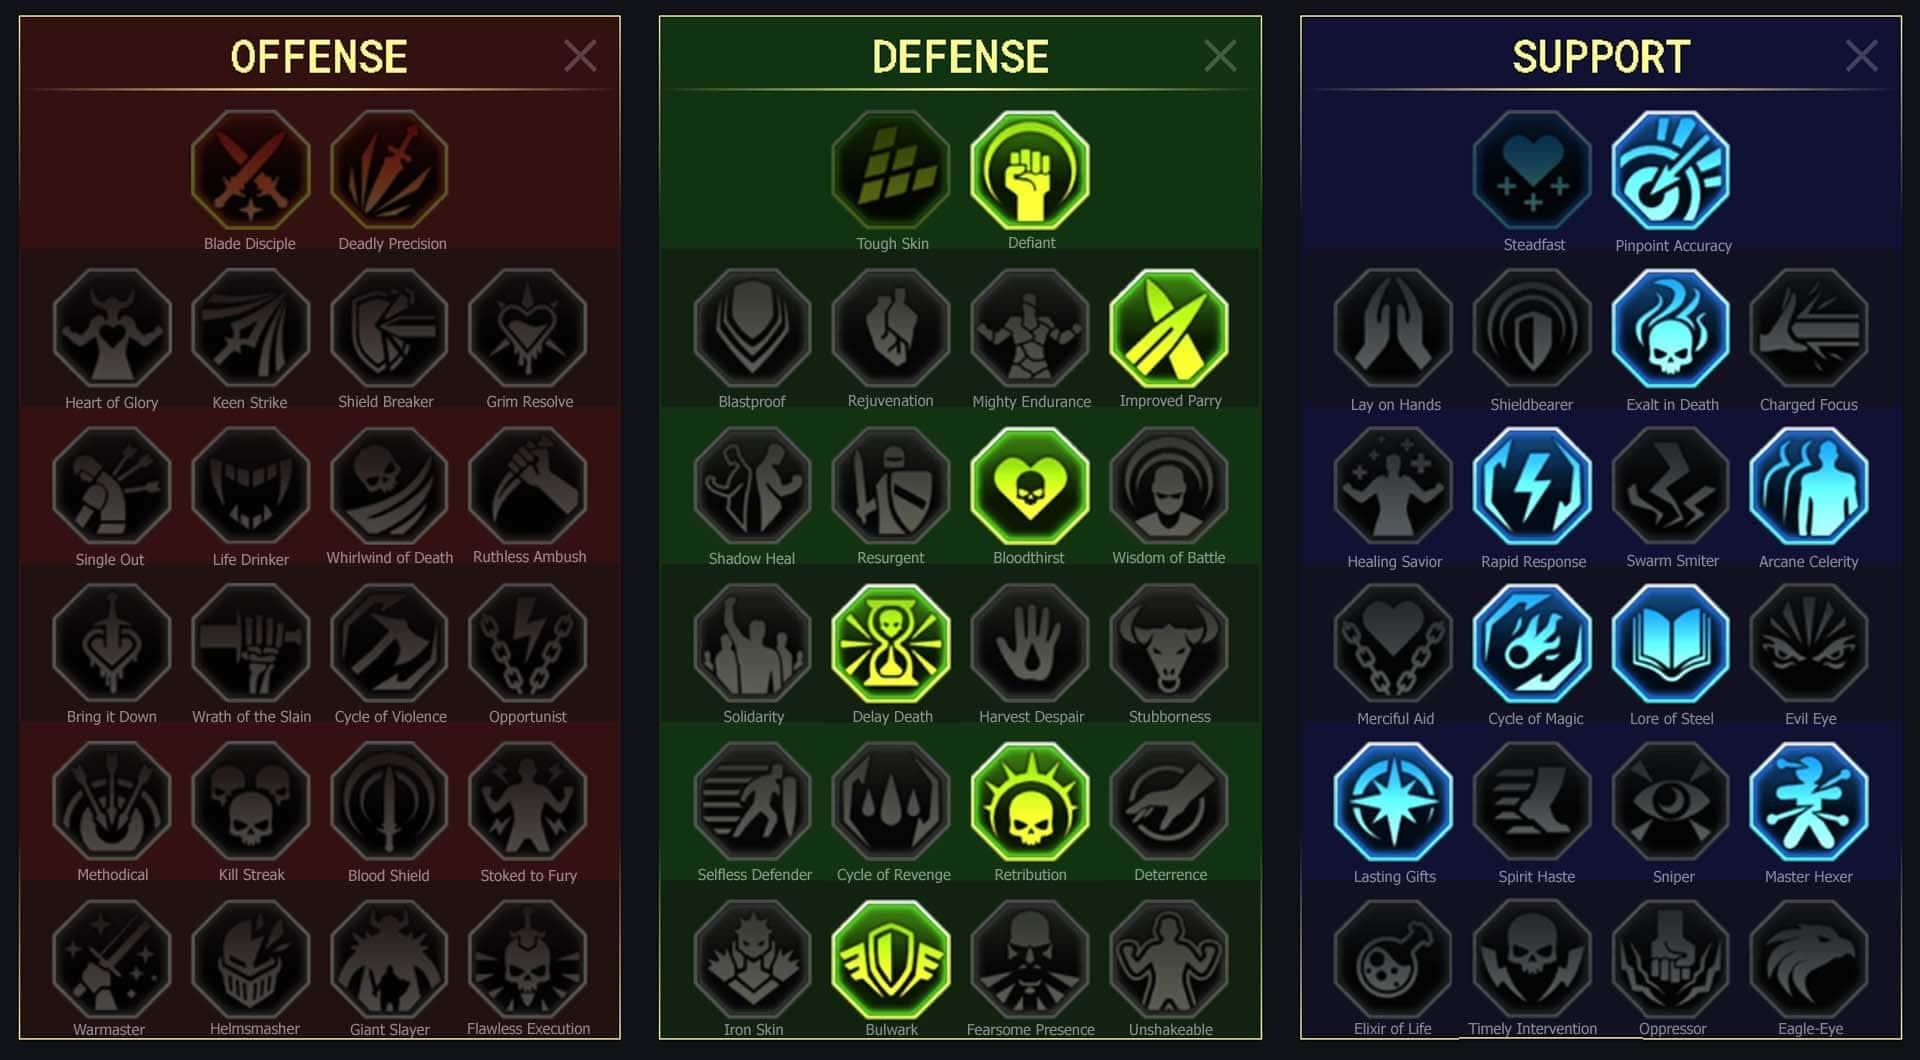 maitrises campagne Arrière-garde (Rearguard Sergeant)